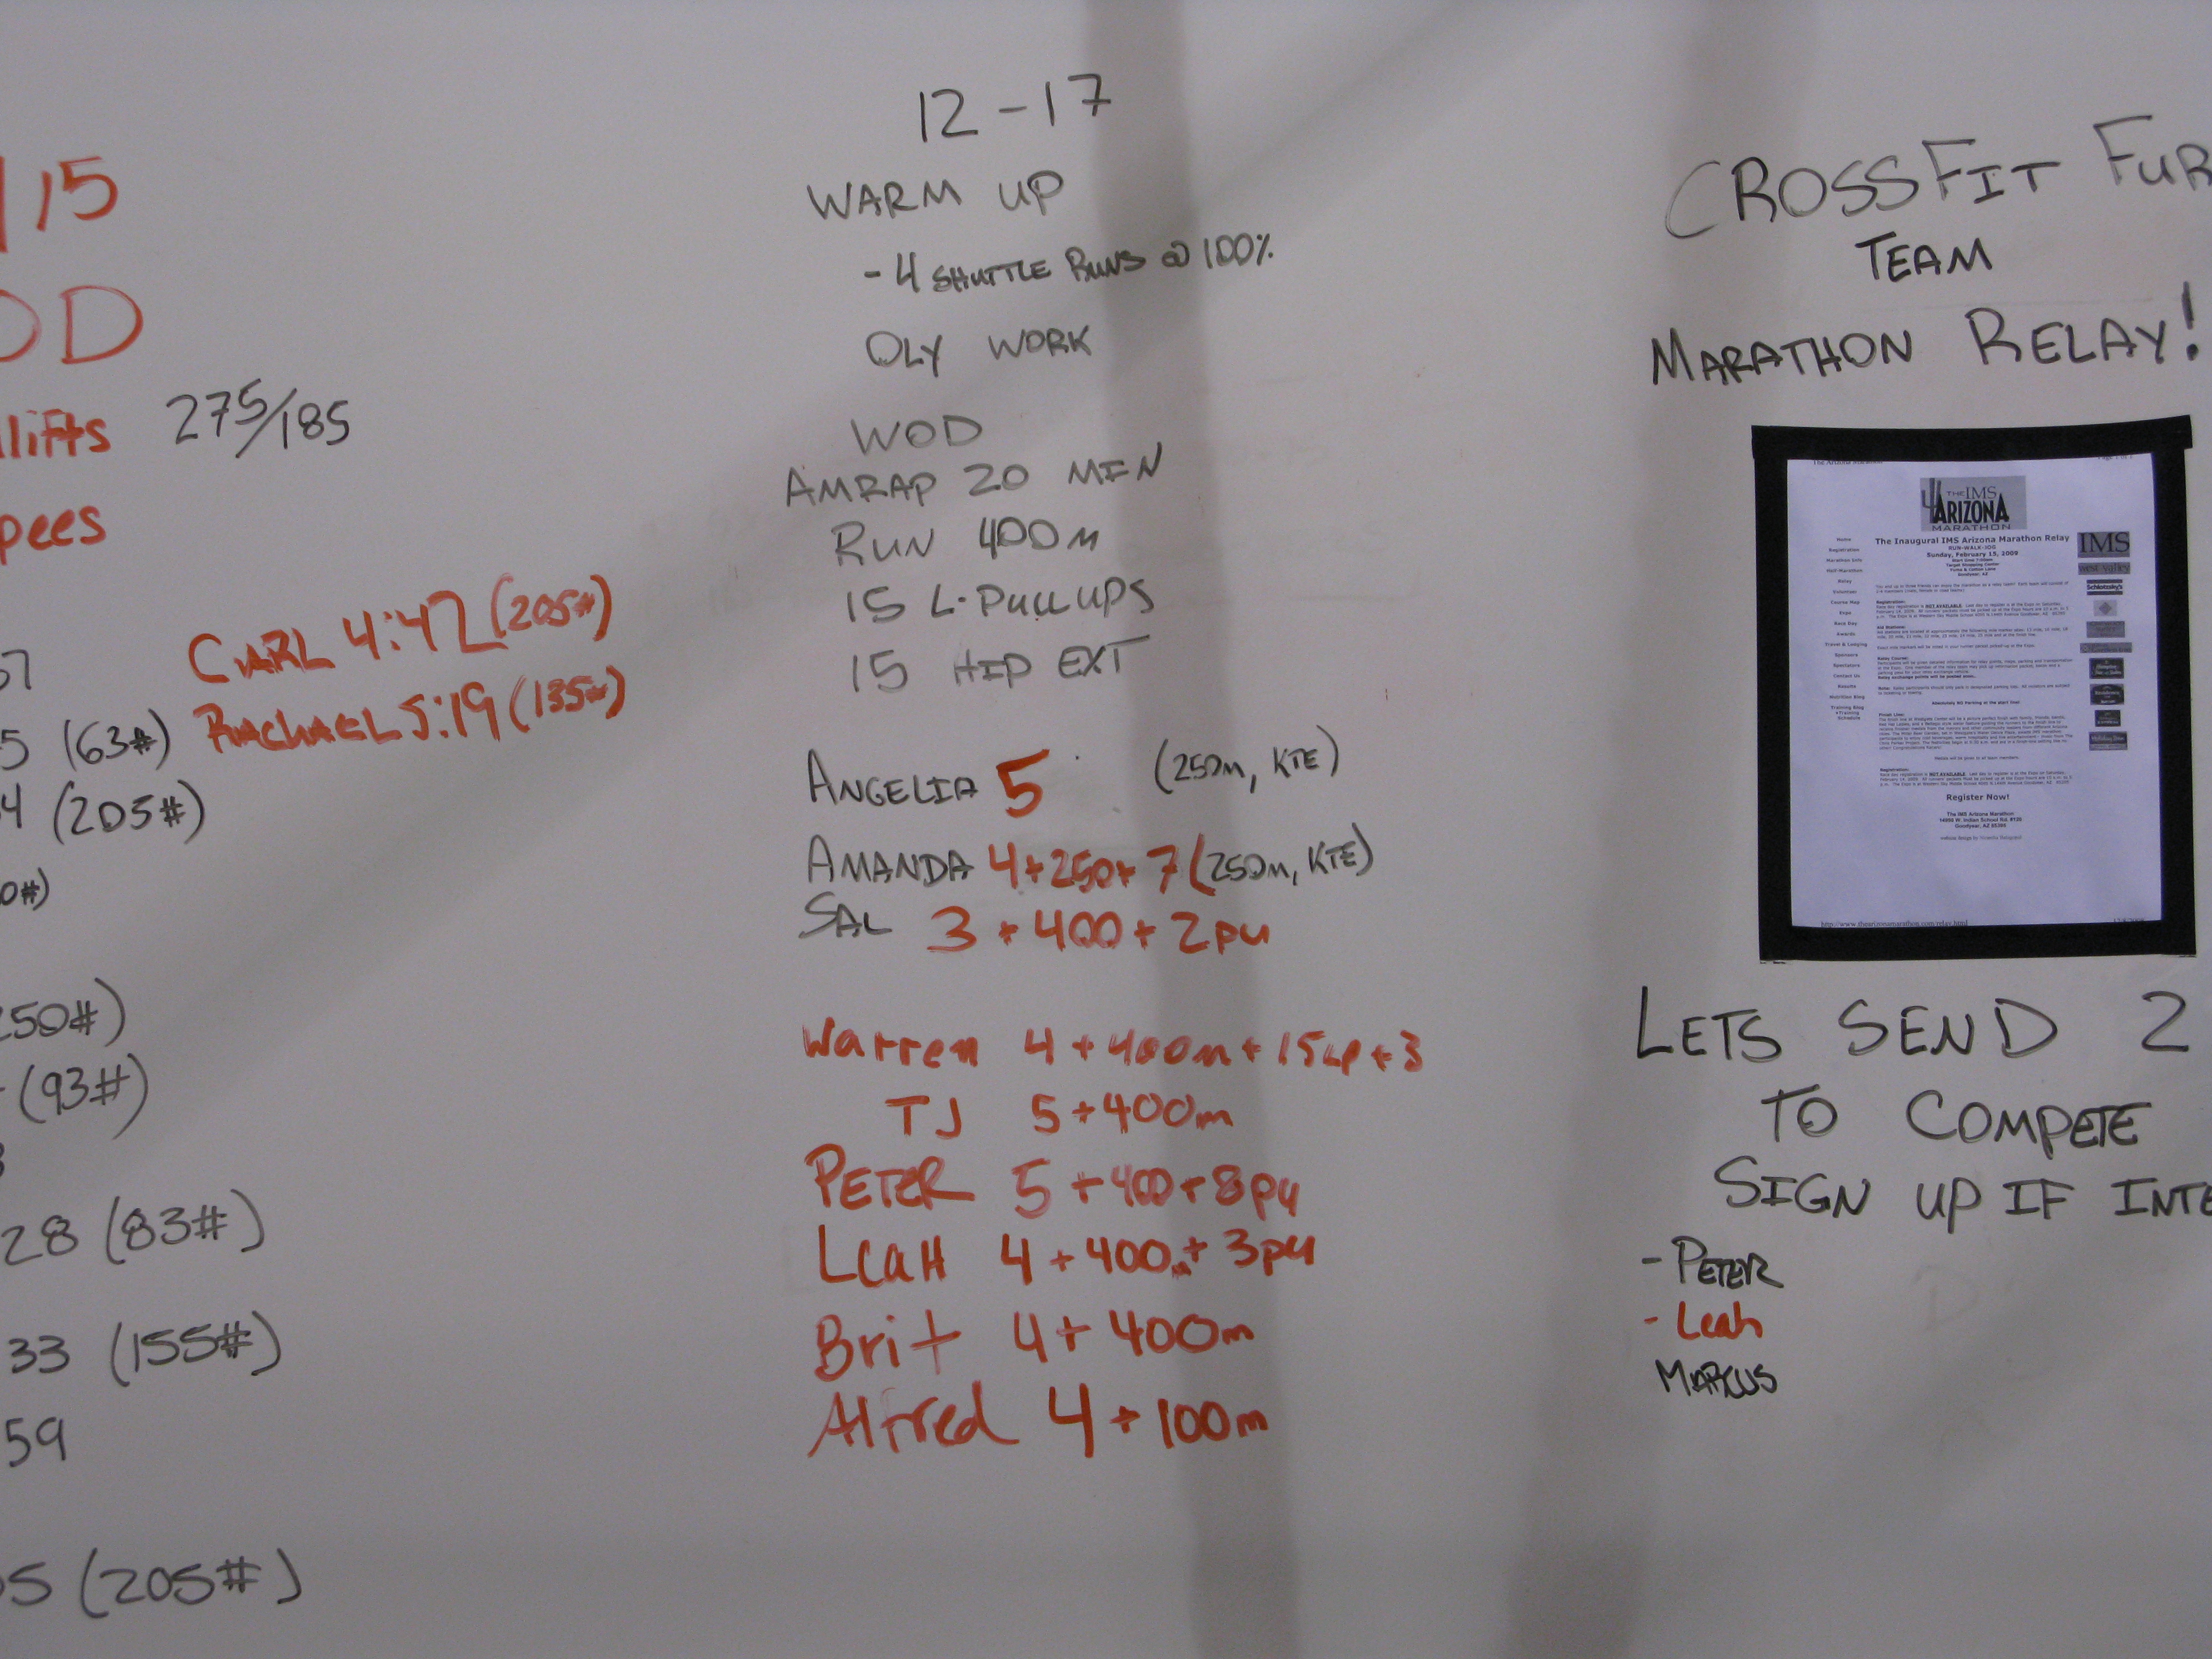 Score Board 12-17